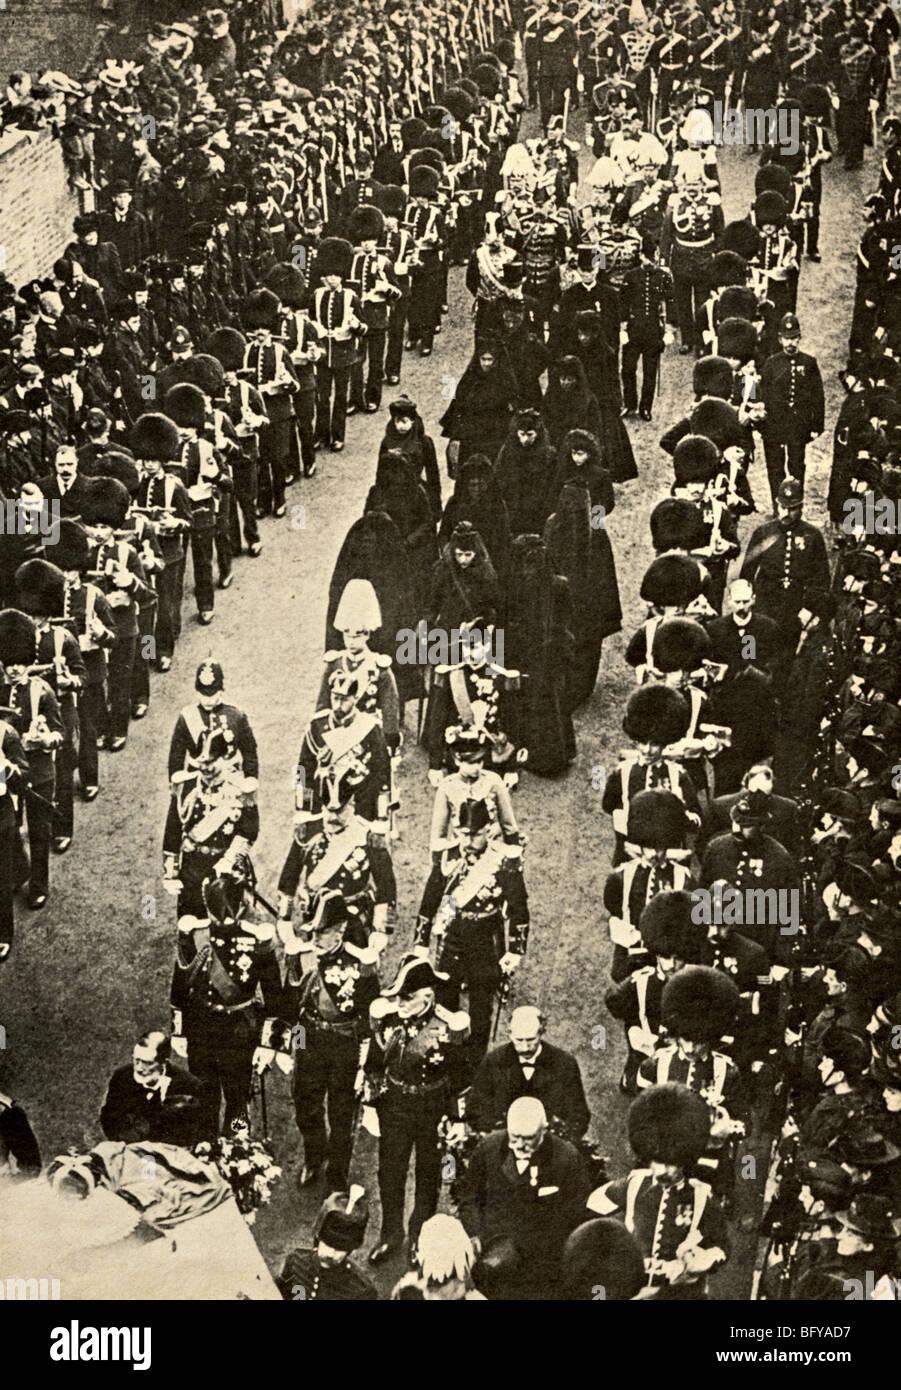 FUNERAL OF QUEEN VICTORIA 1901